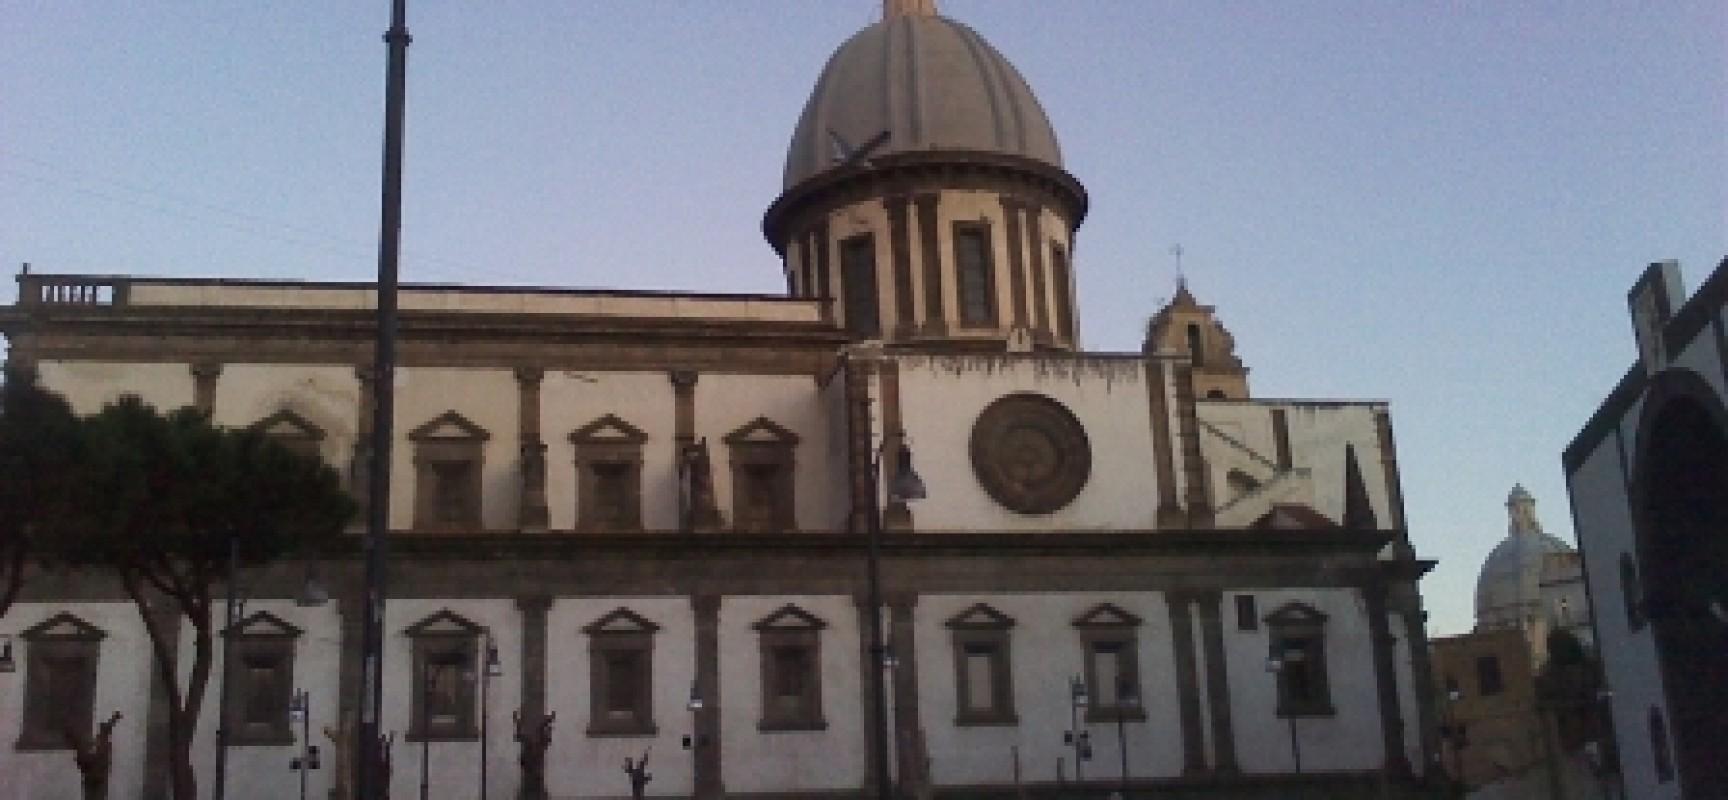 Via Crucis a Napoli da Duomo, via San Giovanni a Carbonara a Santa Caterina a Formiello